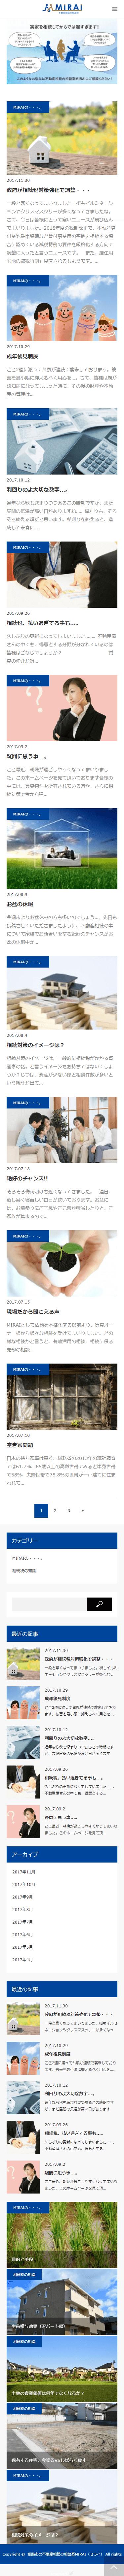 姫路市 ビッグホーム流通有限会社様 ホームページ制作3